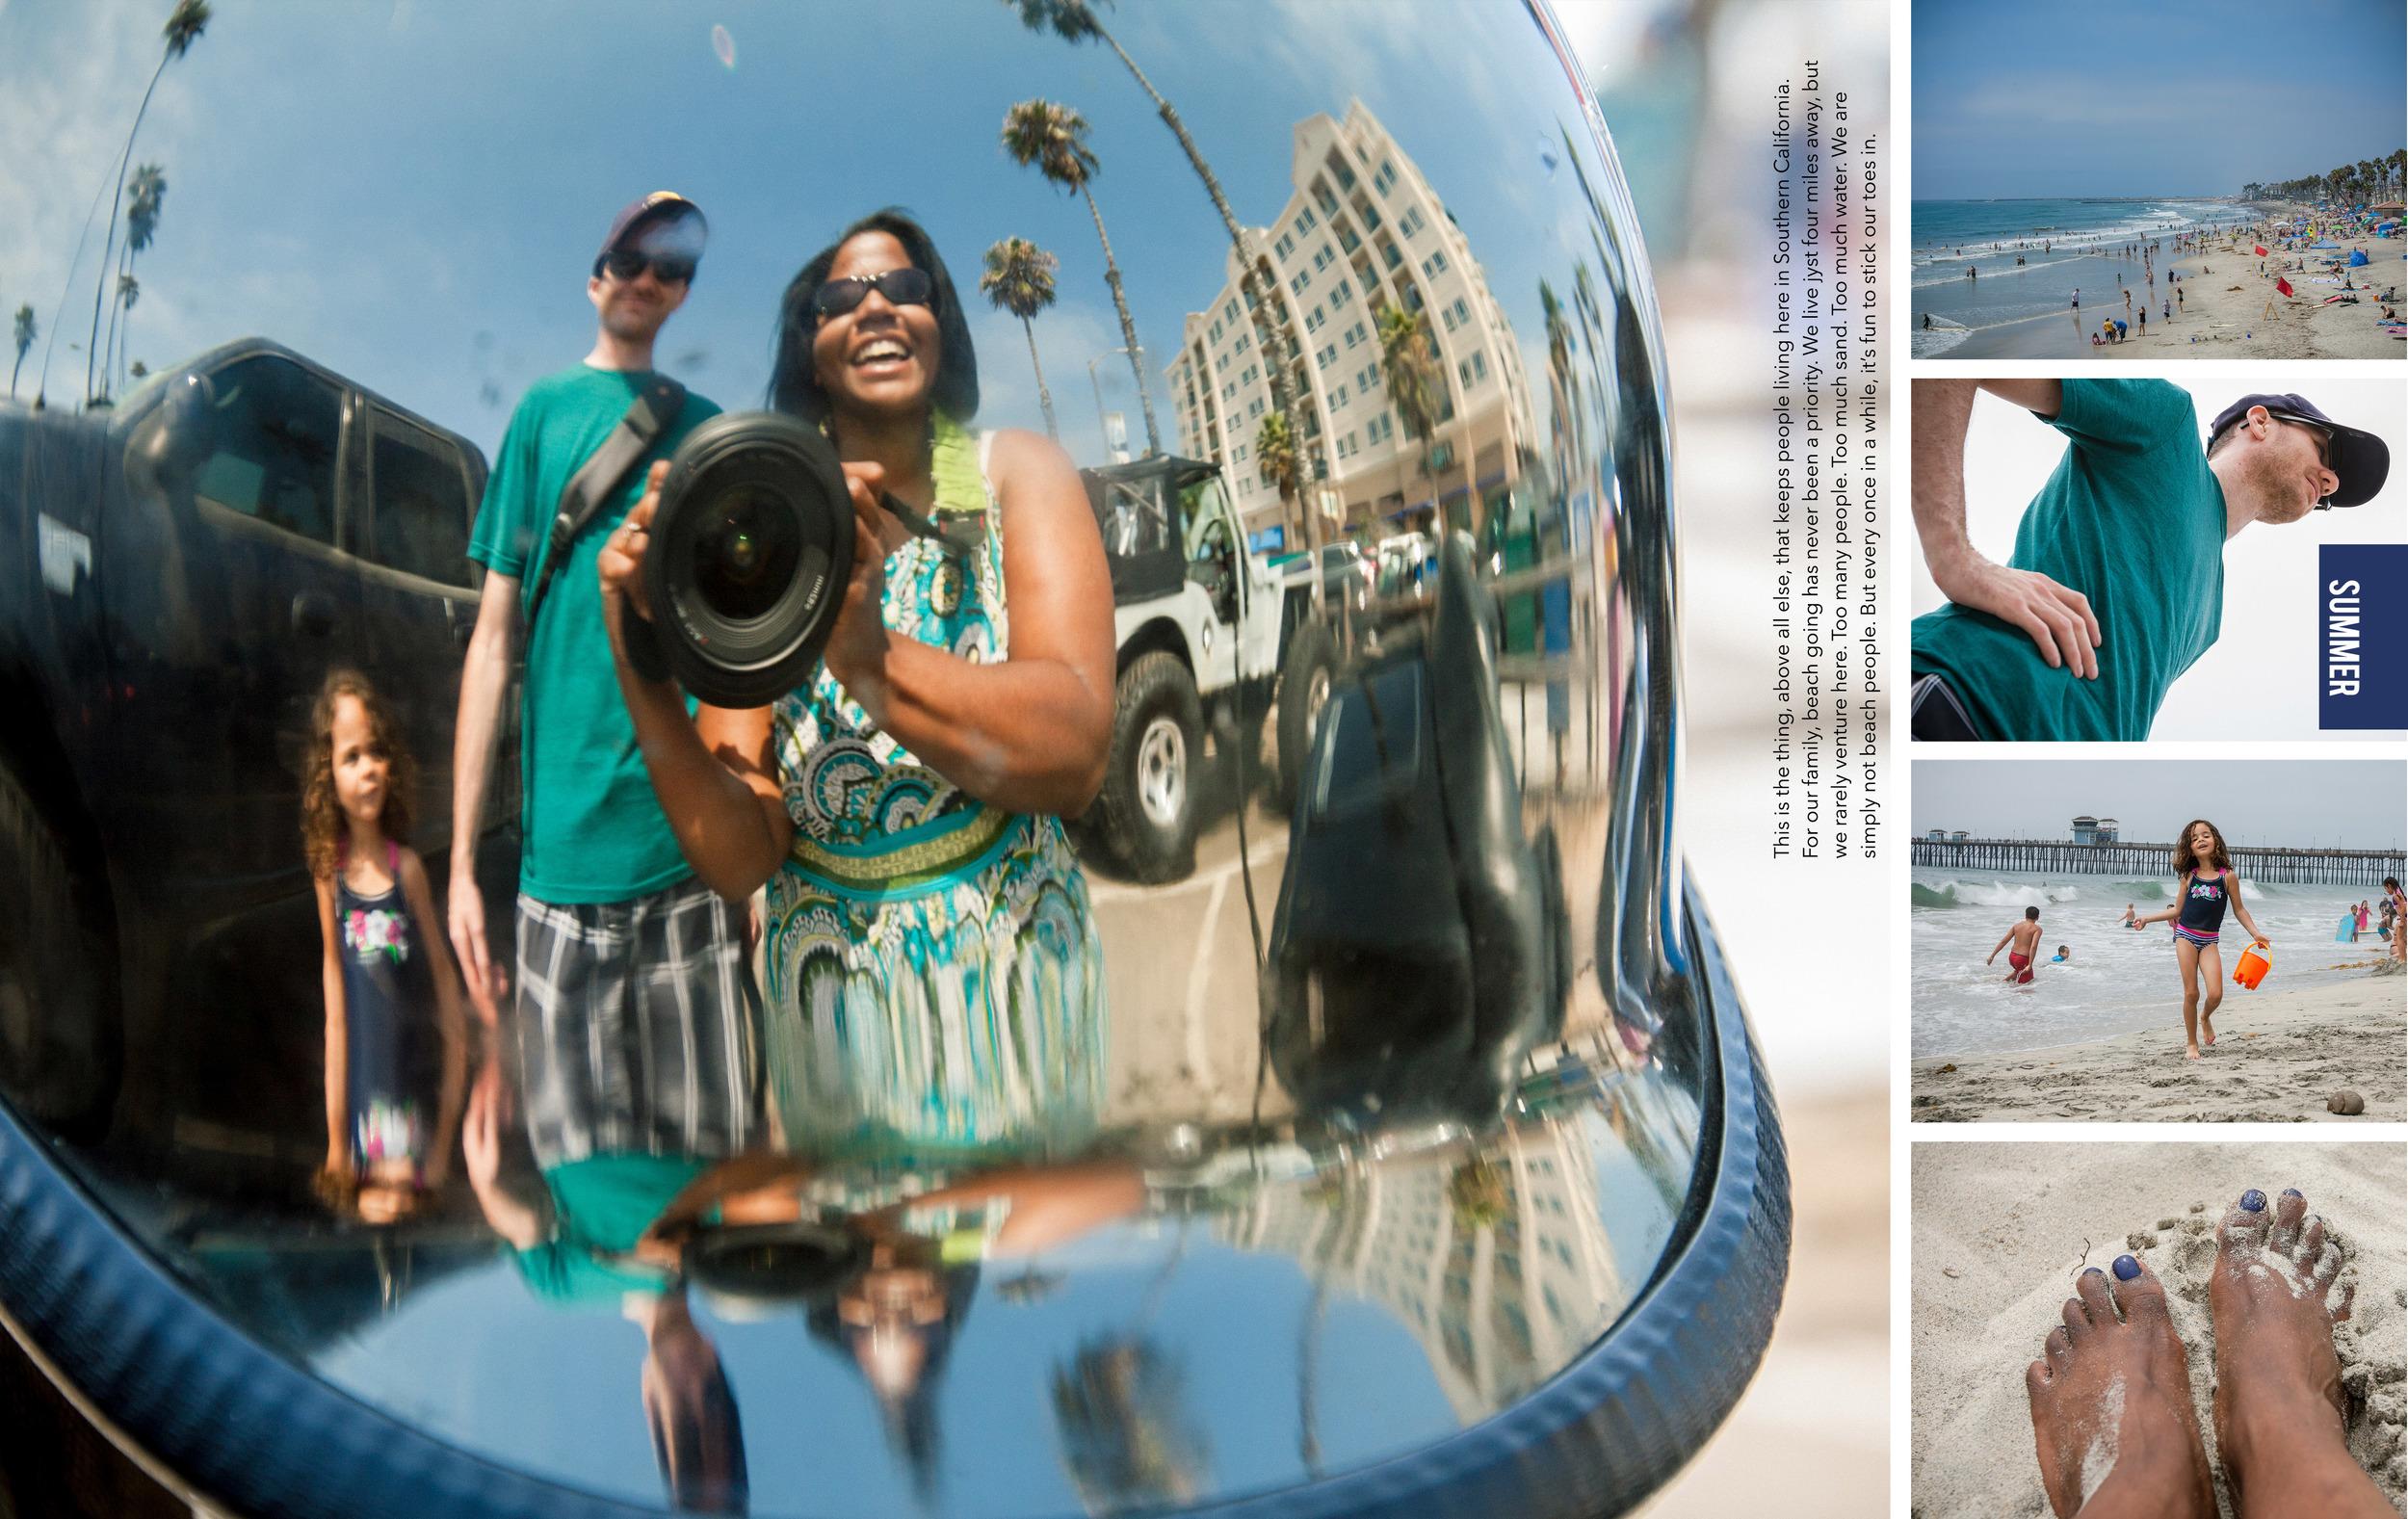 Oceanside CA beach photobook spread